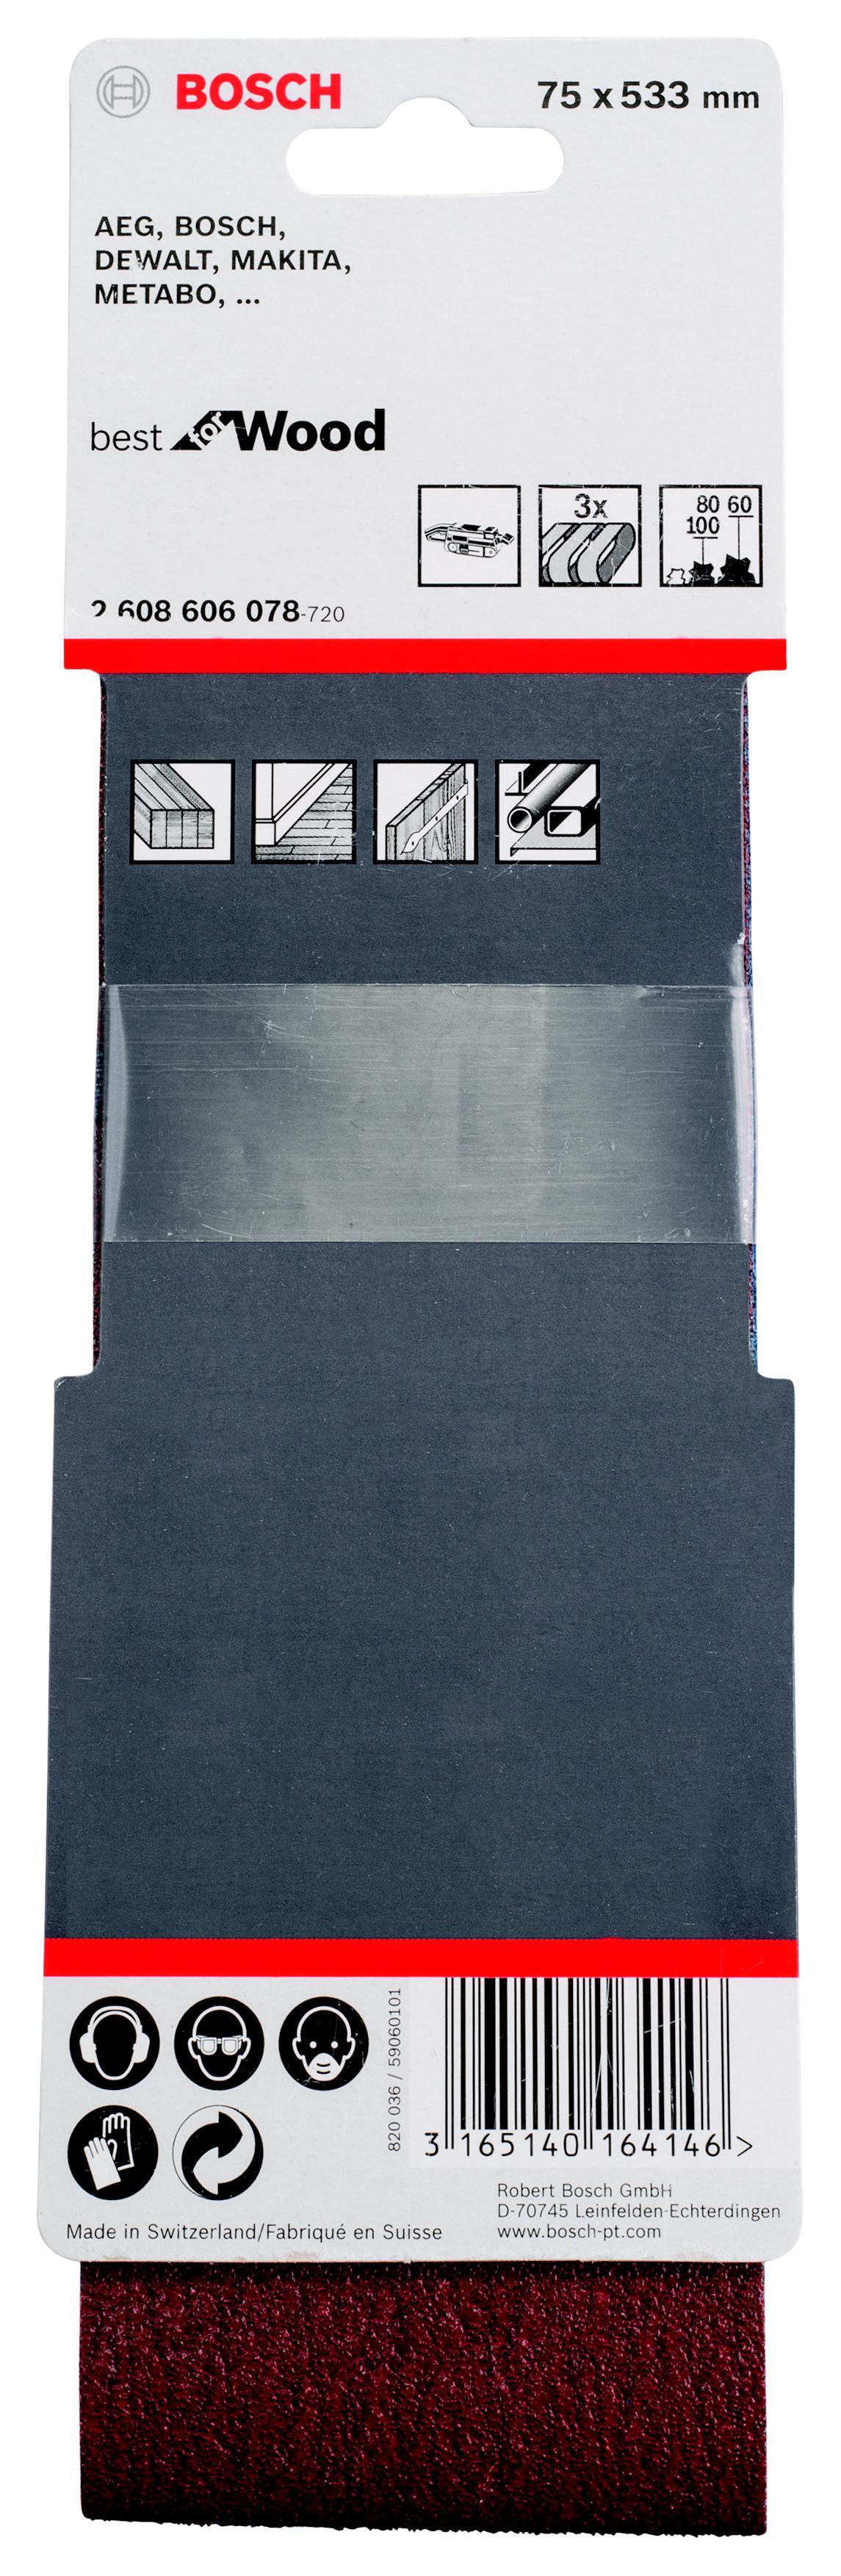 Лента шлифовальная бесконечная Bosch 2608606078 набор шлифлистов bosch 2608606078